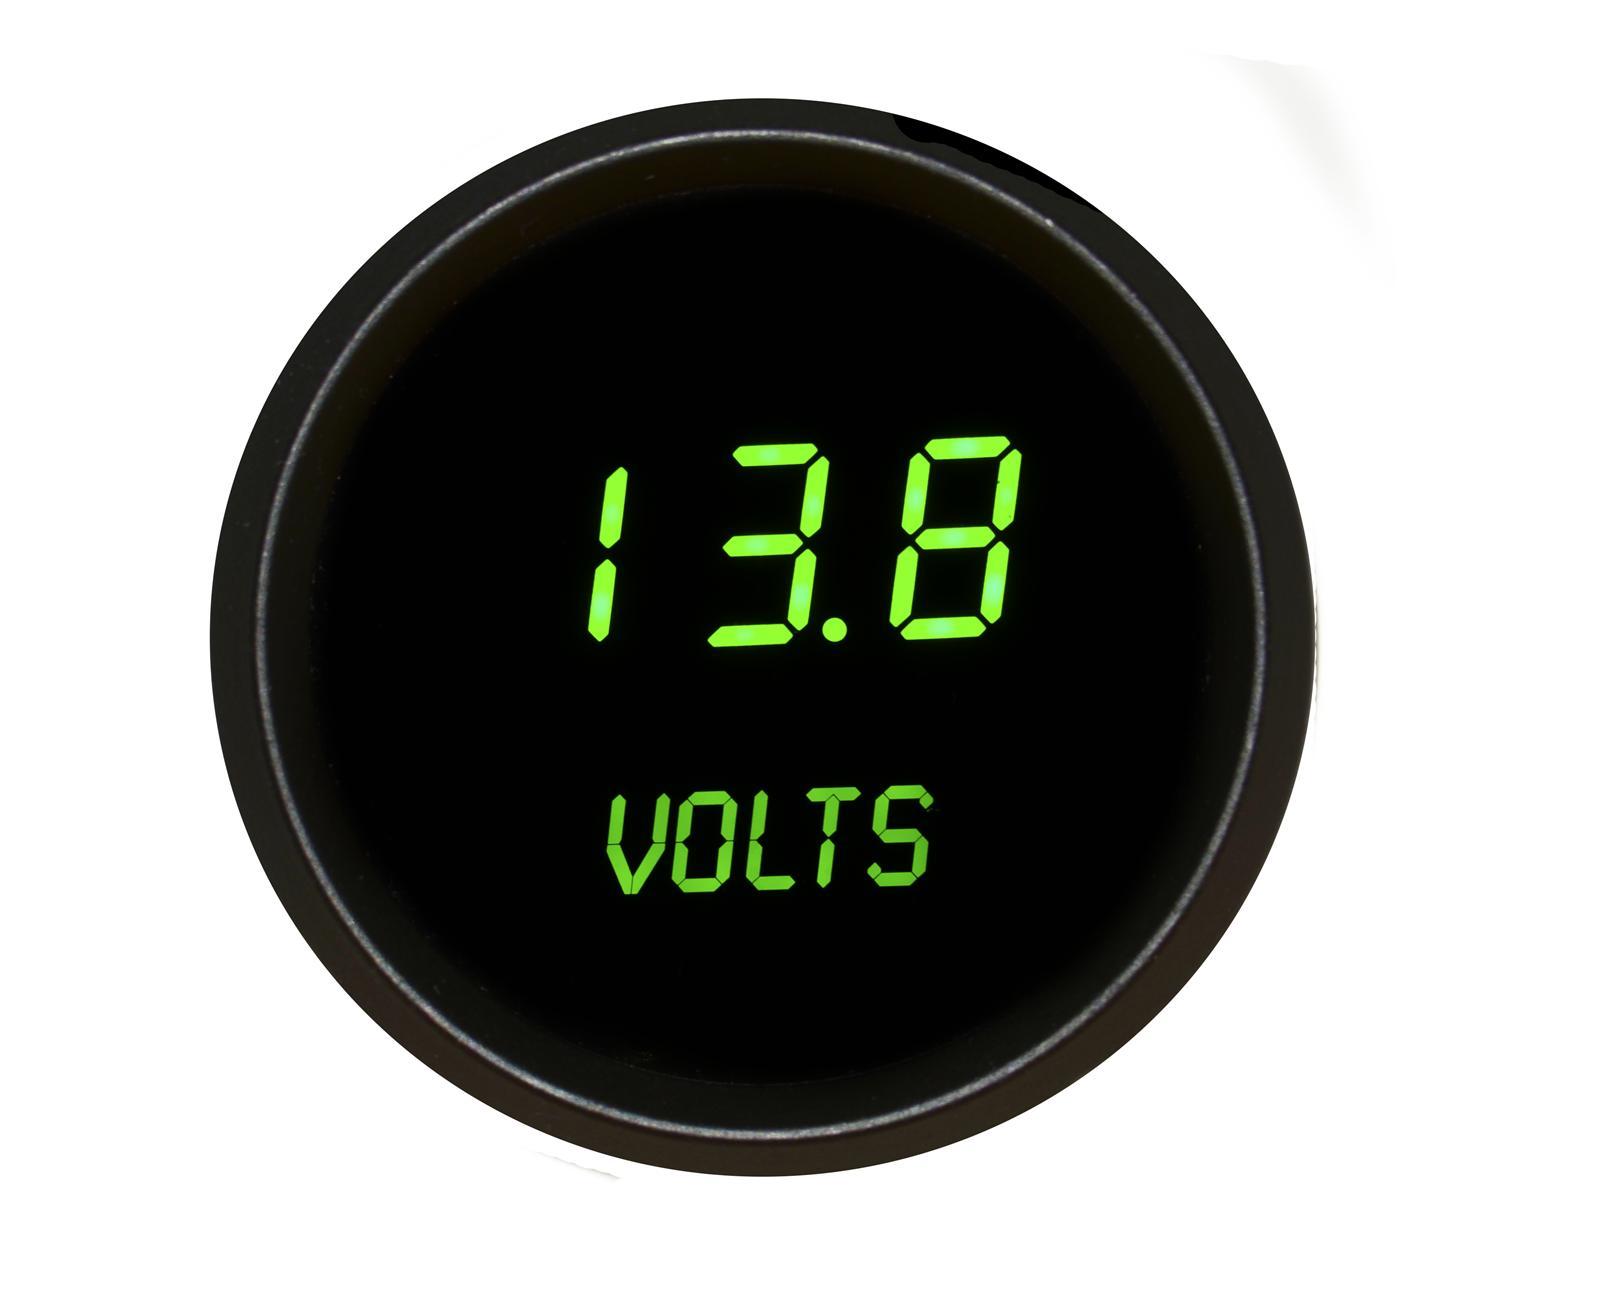 Intellitronix Digital Gauges : Intellitronix led digital gauges m g free shipping on